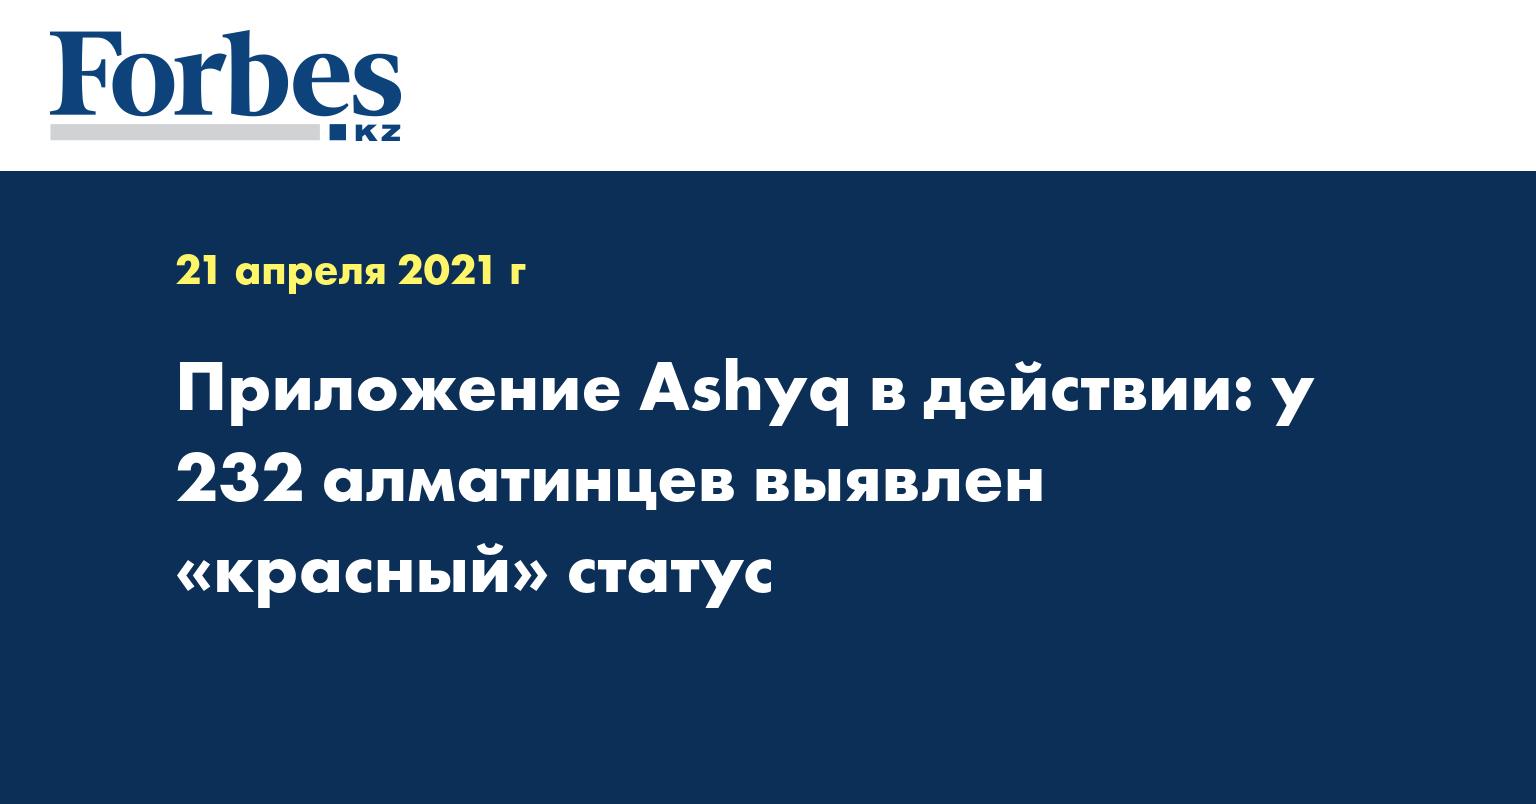 Приложение Ashyq в действии: у 232 алматинцев выявлен «красный» статус